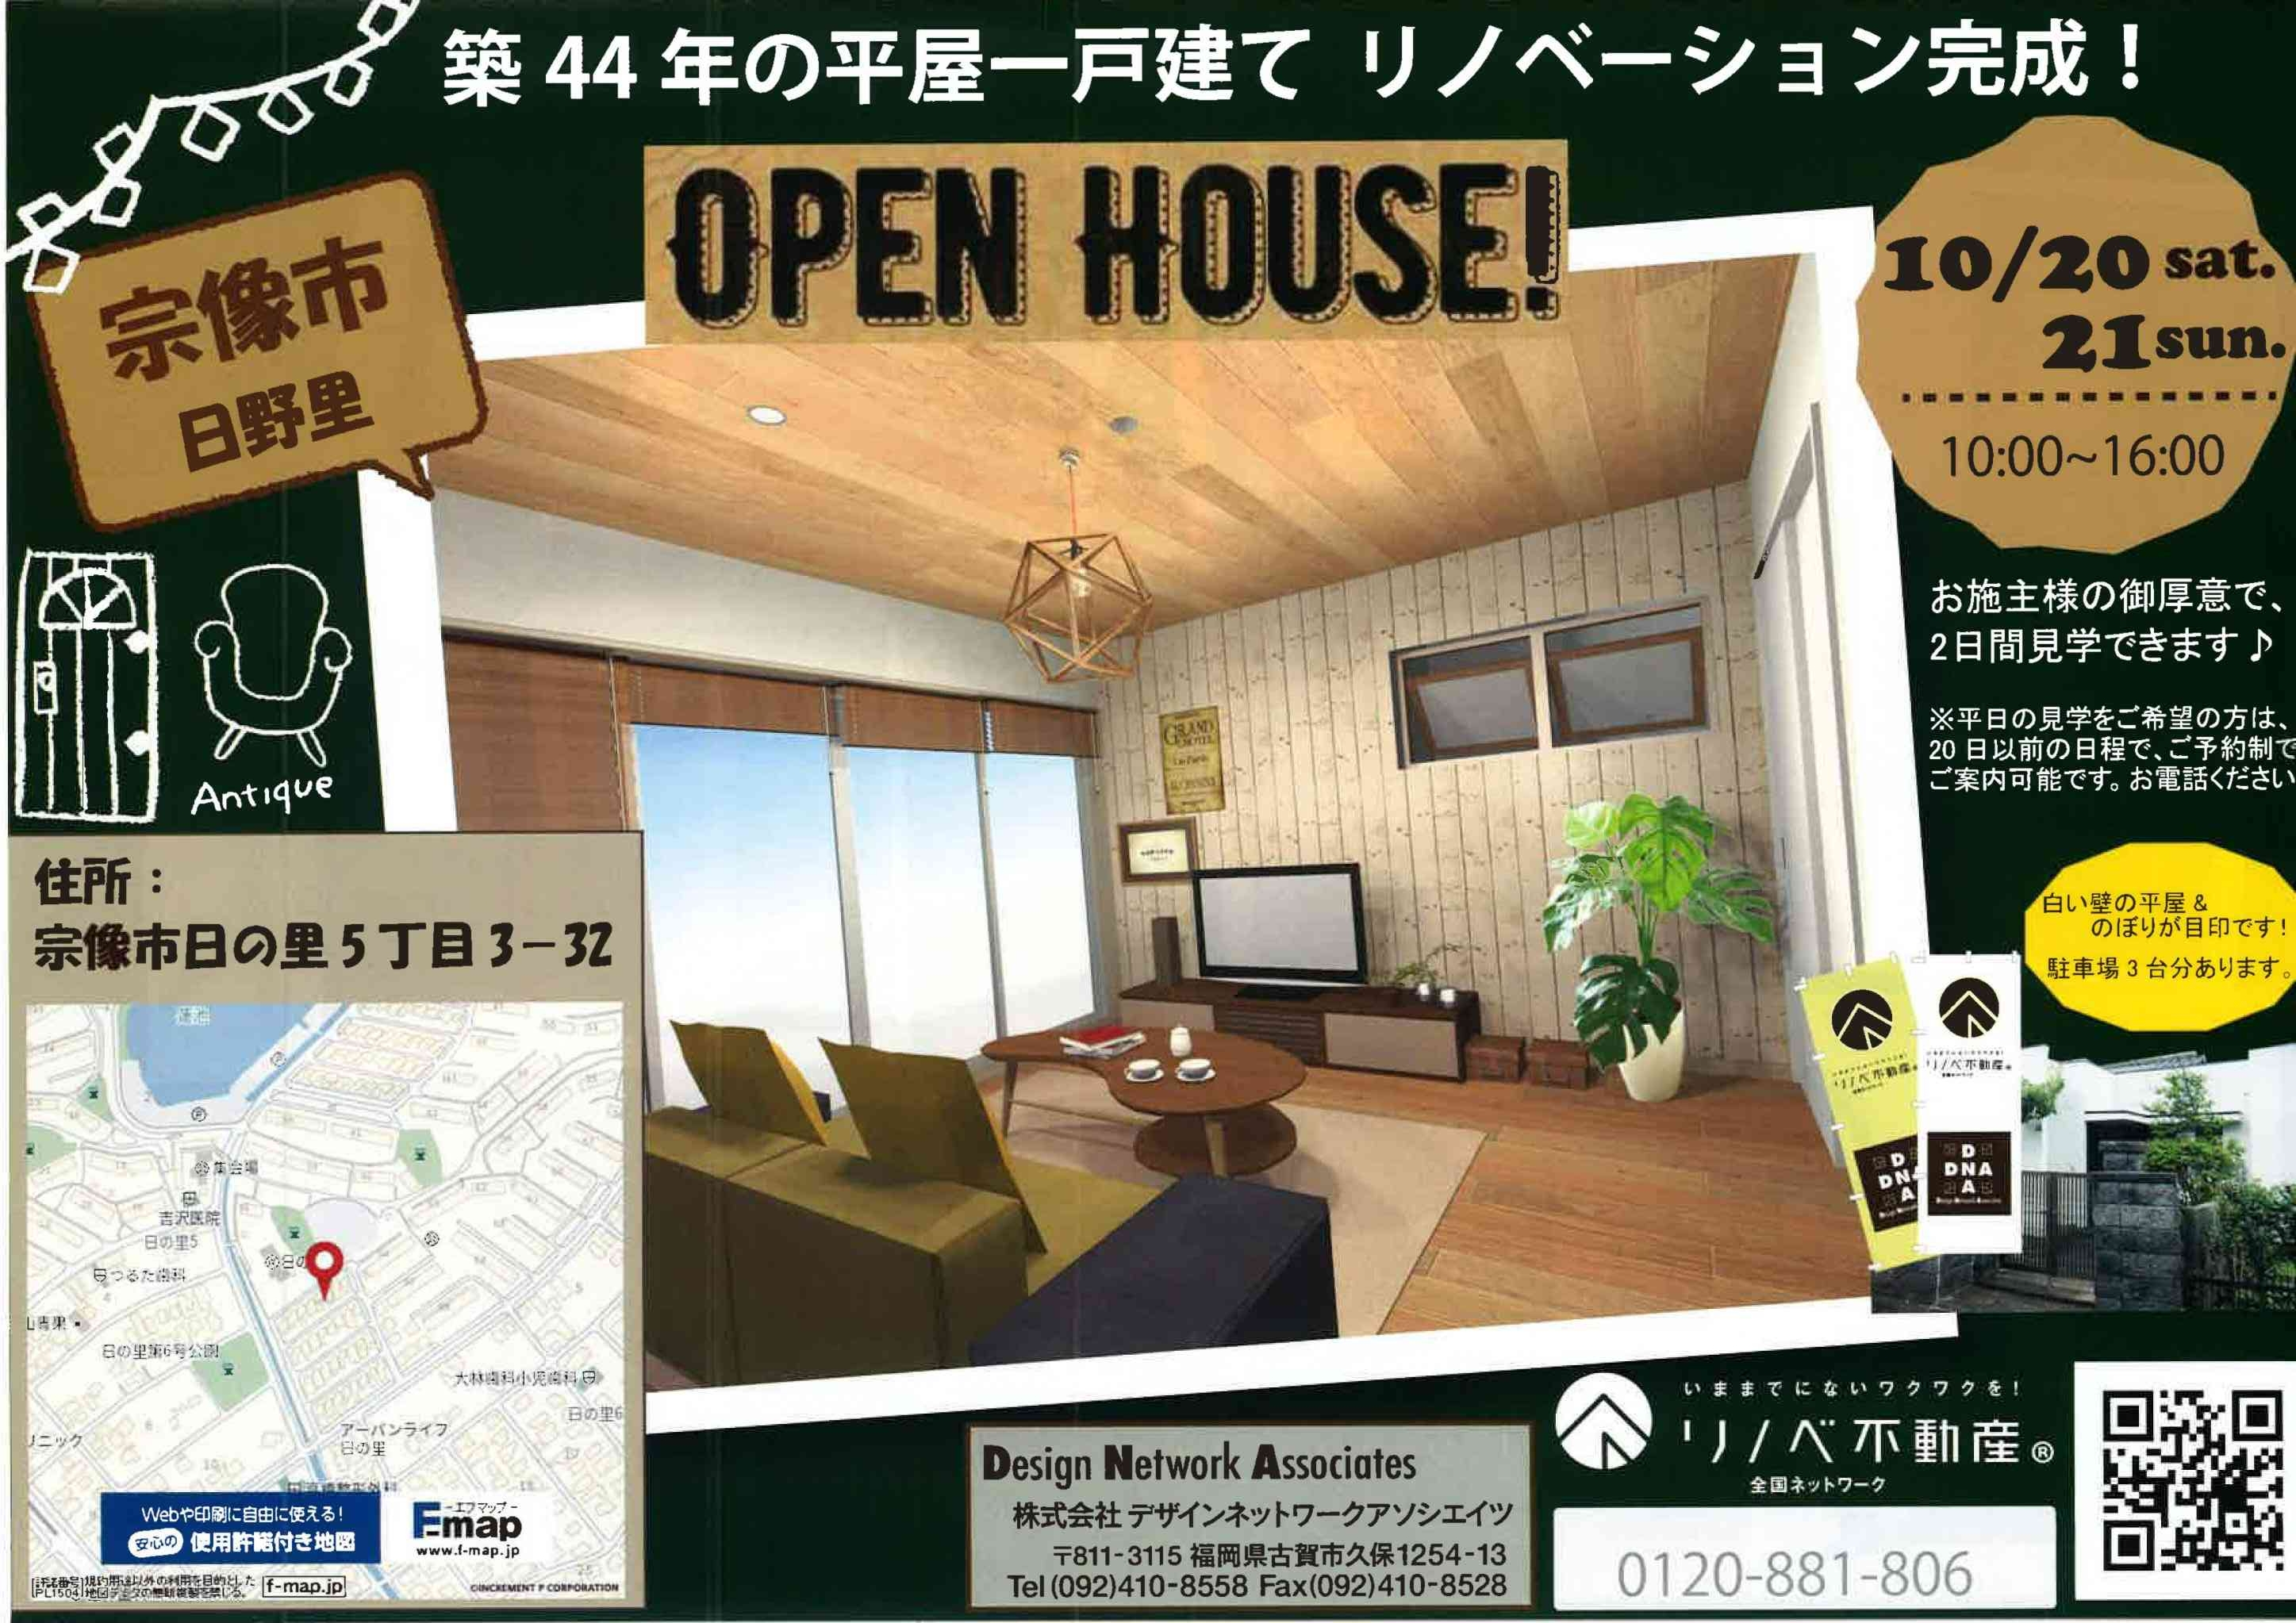 【オープンハウス】10月20日・21日☆フルリノベーション物件のオープンハウスします!